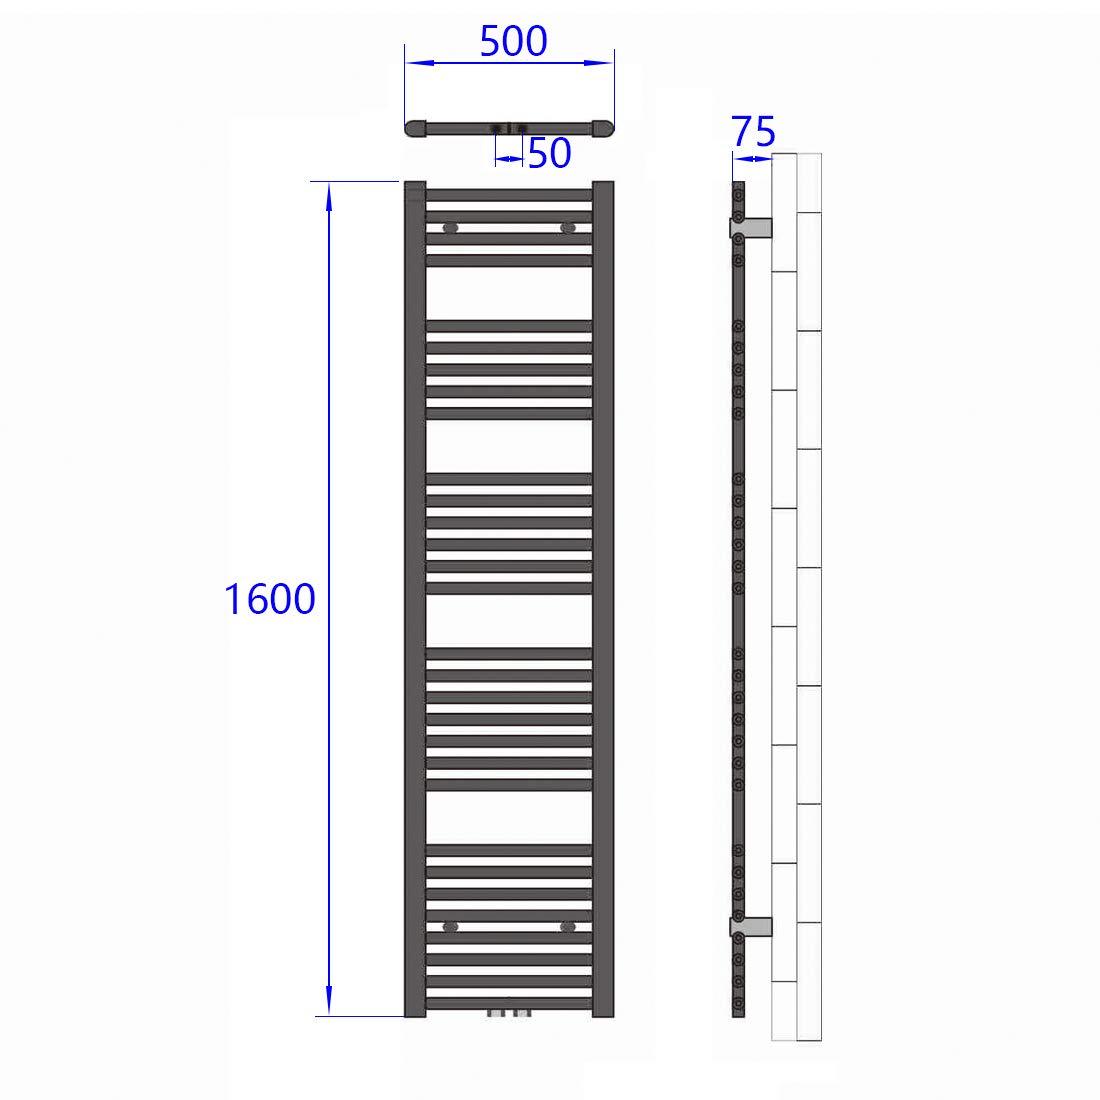 40x100cm 481 Watt EMKE Handtuchtrockner Badheizk/örper Heizk/örper Leistung Wei/ß Bad-Heizk/örper Mittelanschluss